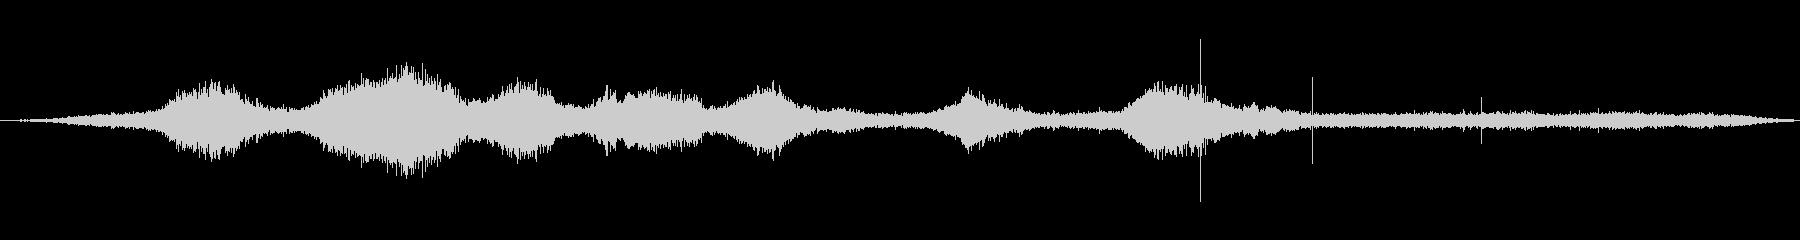 フィニッシュライン、大規模グループ...の未再生の波形